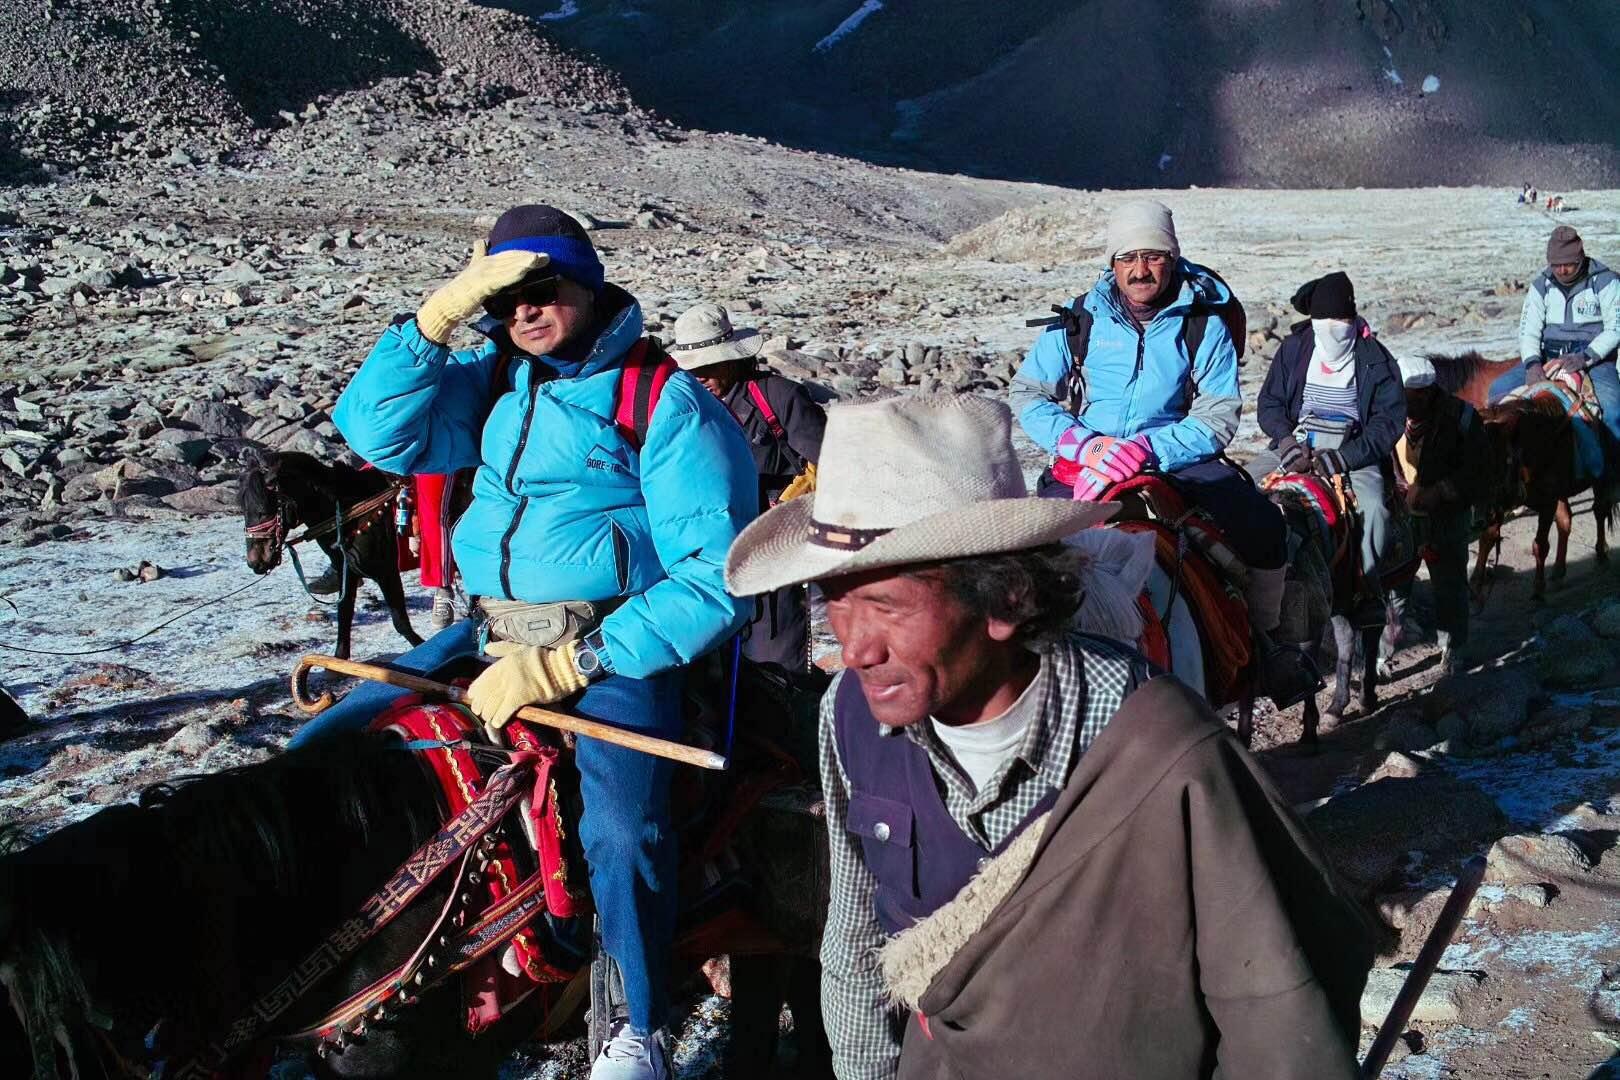 西藏甘丹寺-桑耶寺10日徒步朝聖之旅